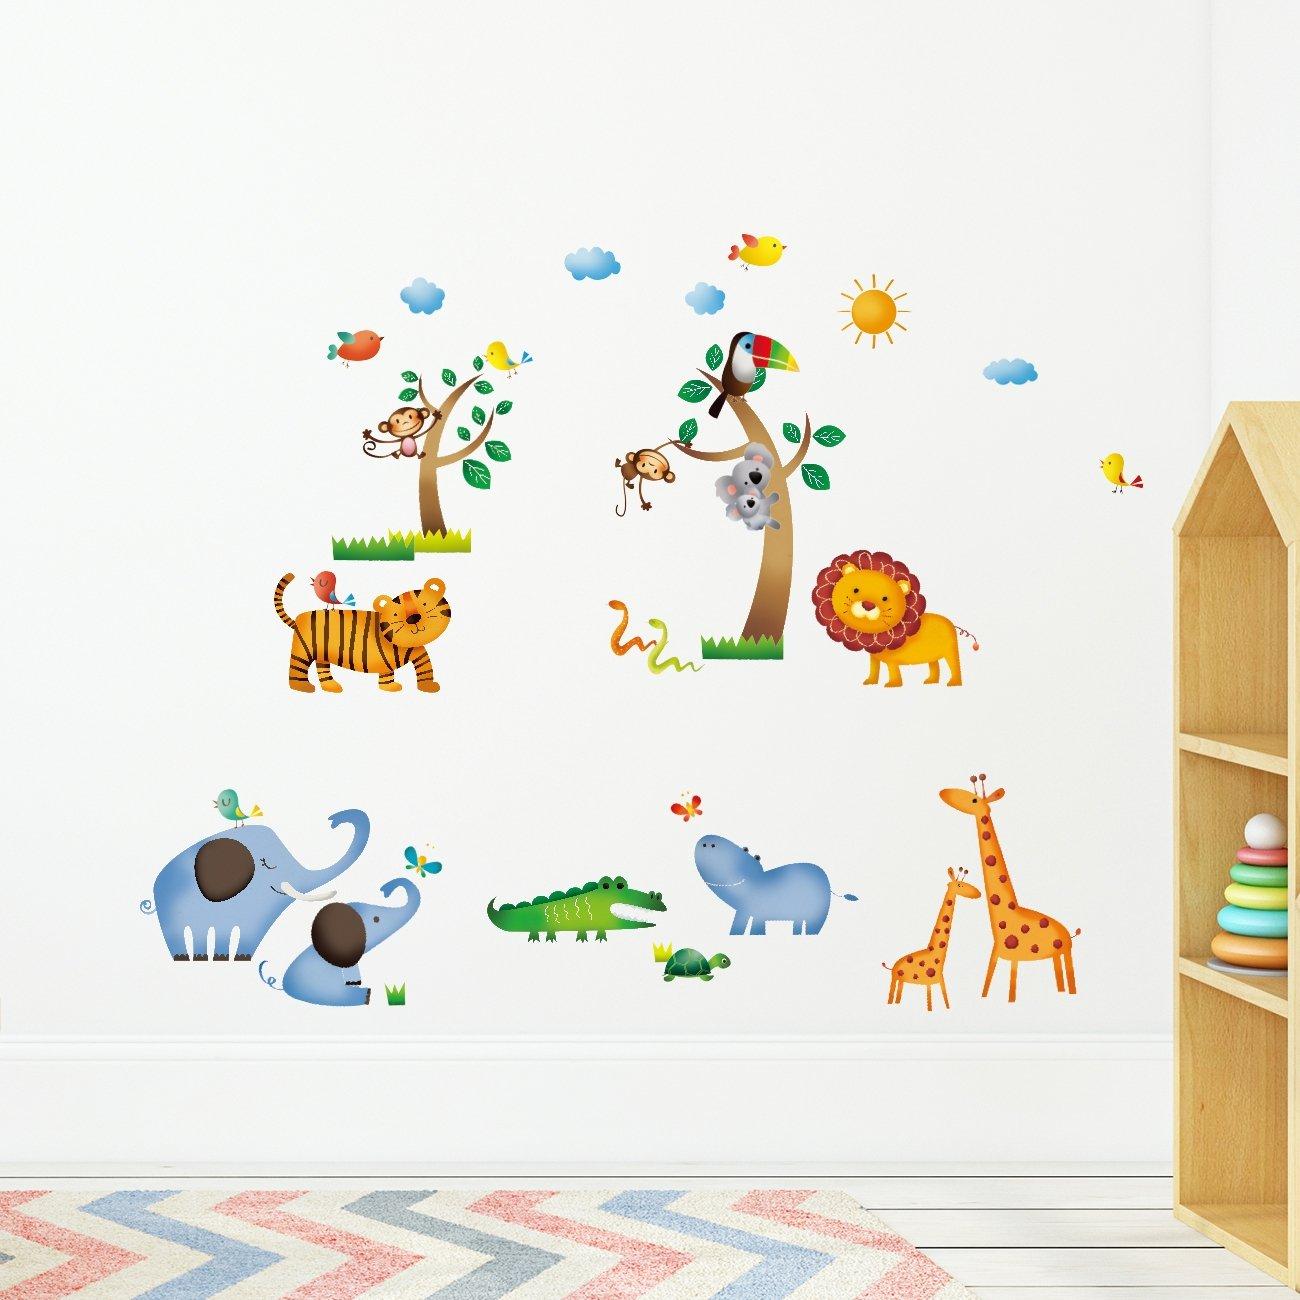 Fesselnde Wandtattoo Tiere Kinderzimmer Das Beste Von Decowall Dw-1206 Dschungeltiere Wilde Dschungel Wandsticker Wandaufkleber